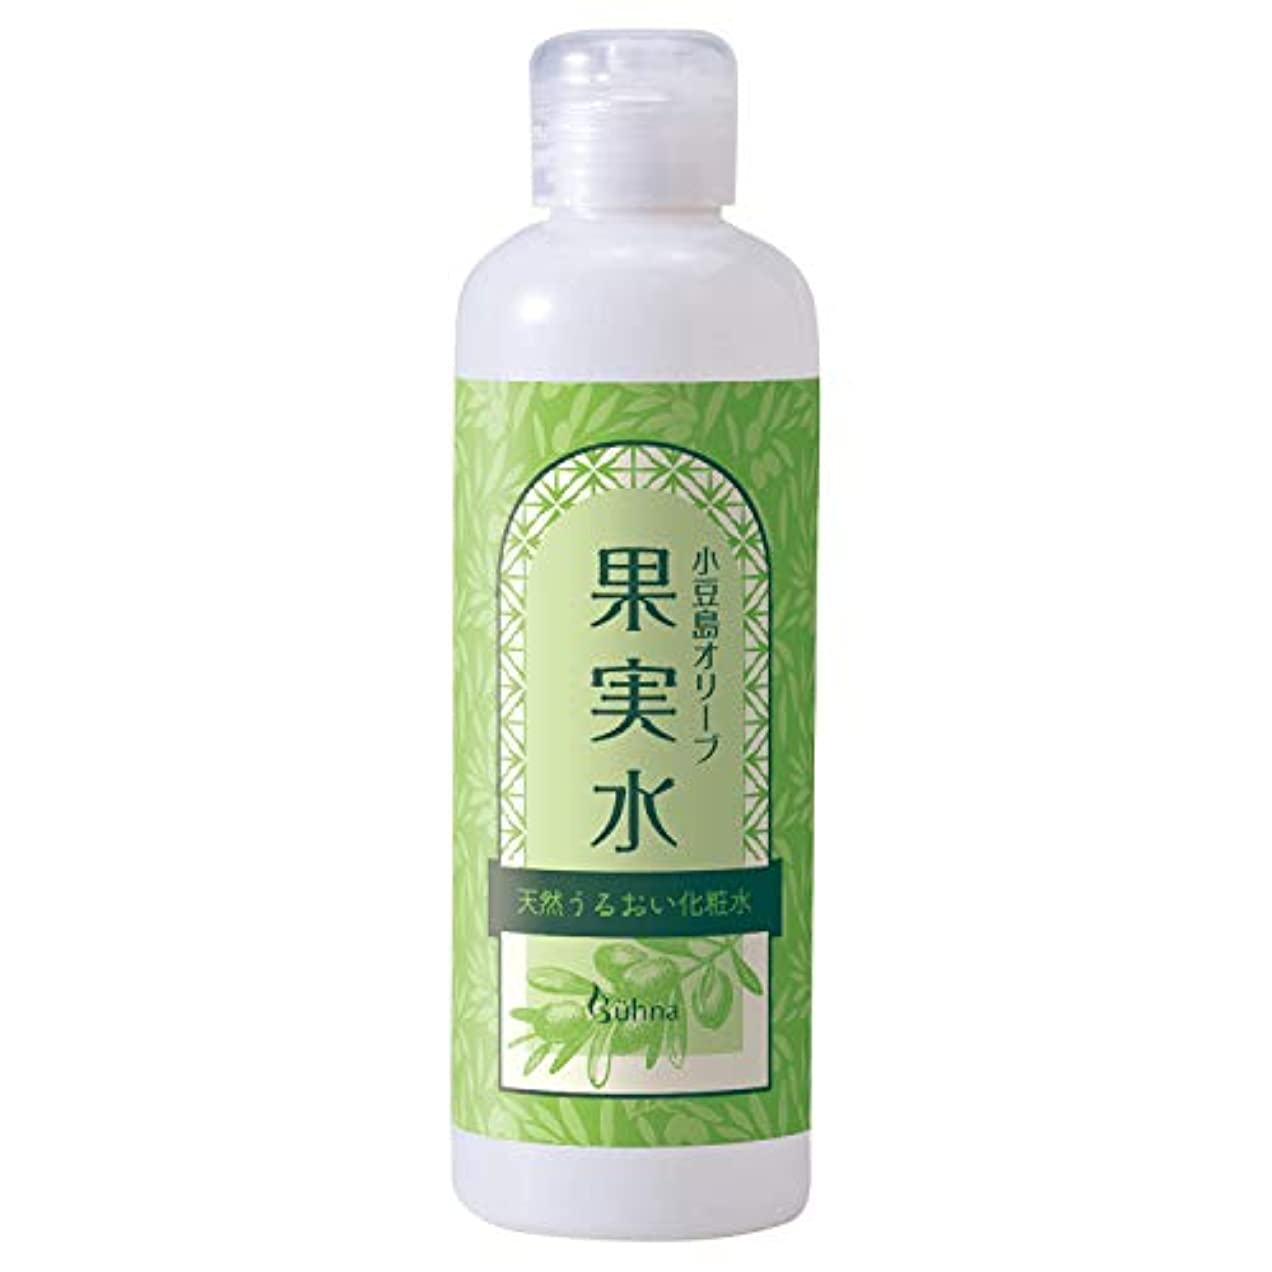 たくさん豊富な影響ビューナ 小豆島オリーブ果実水 化粧水 保湿 オリーブオイル 無着色 アルコールフリー パラベンフリー 合成香料不使用